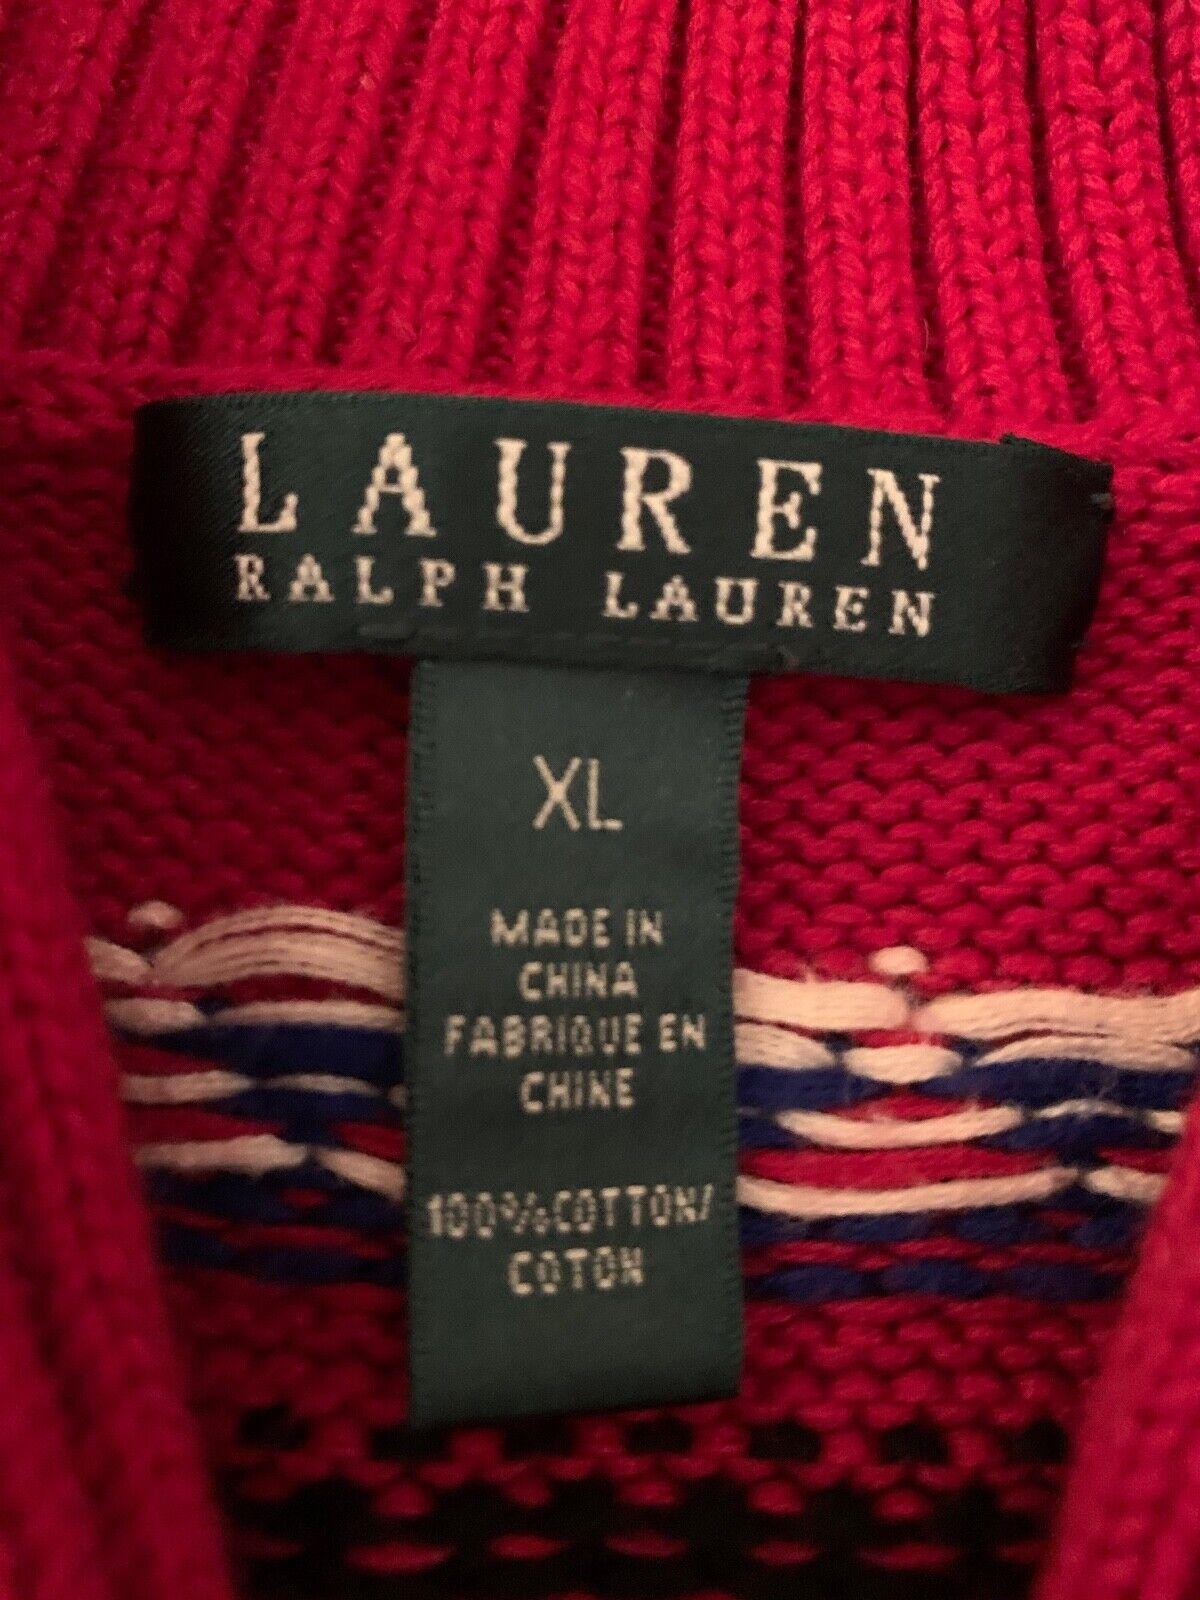 Lauren Ralph Lauren Classic Red Sweater - image 3